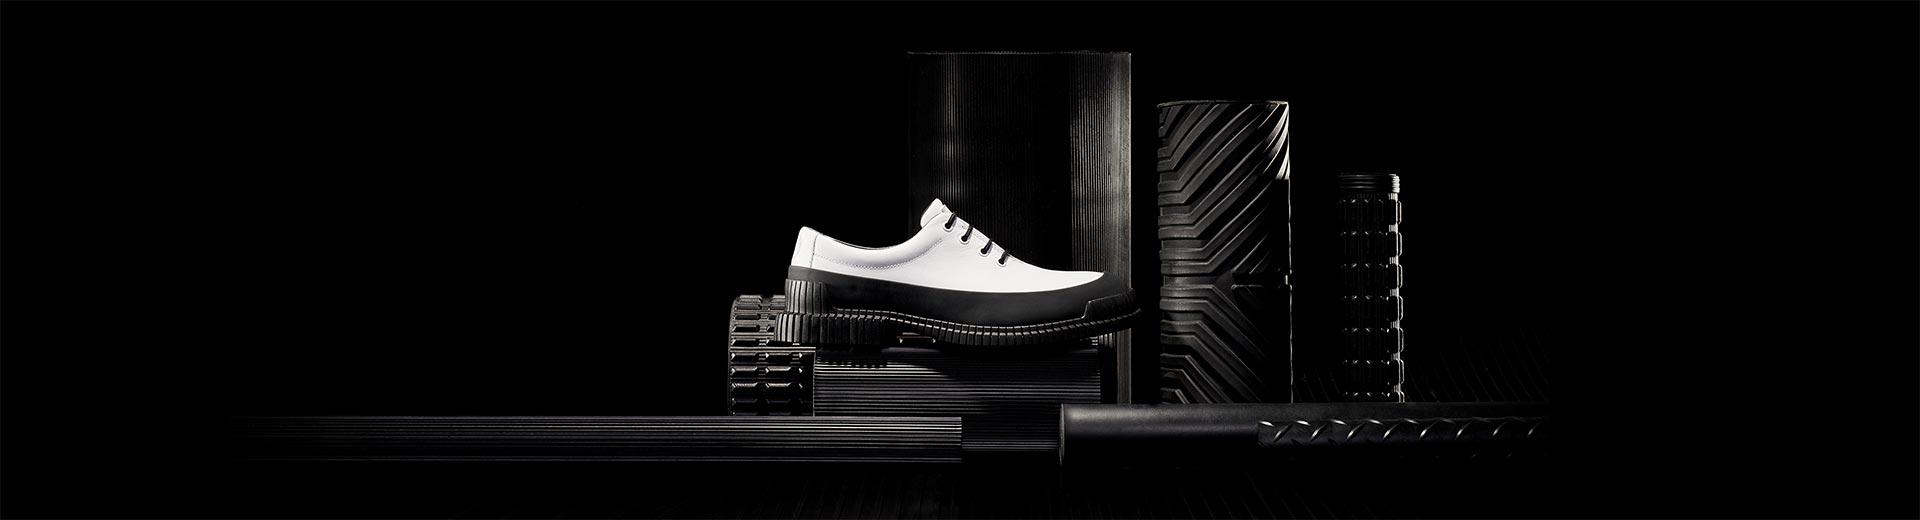 Camper Schuhe: Offizieller Online-Shop - LU